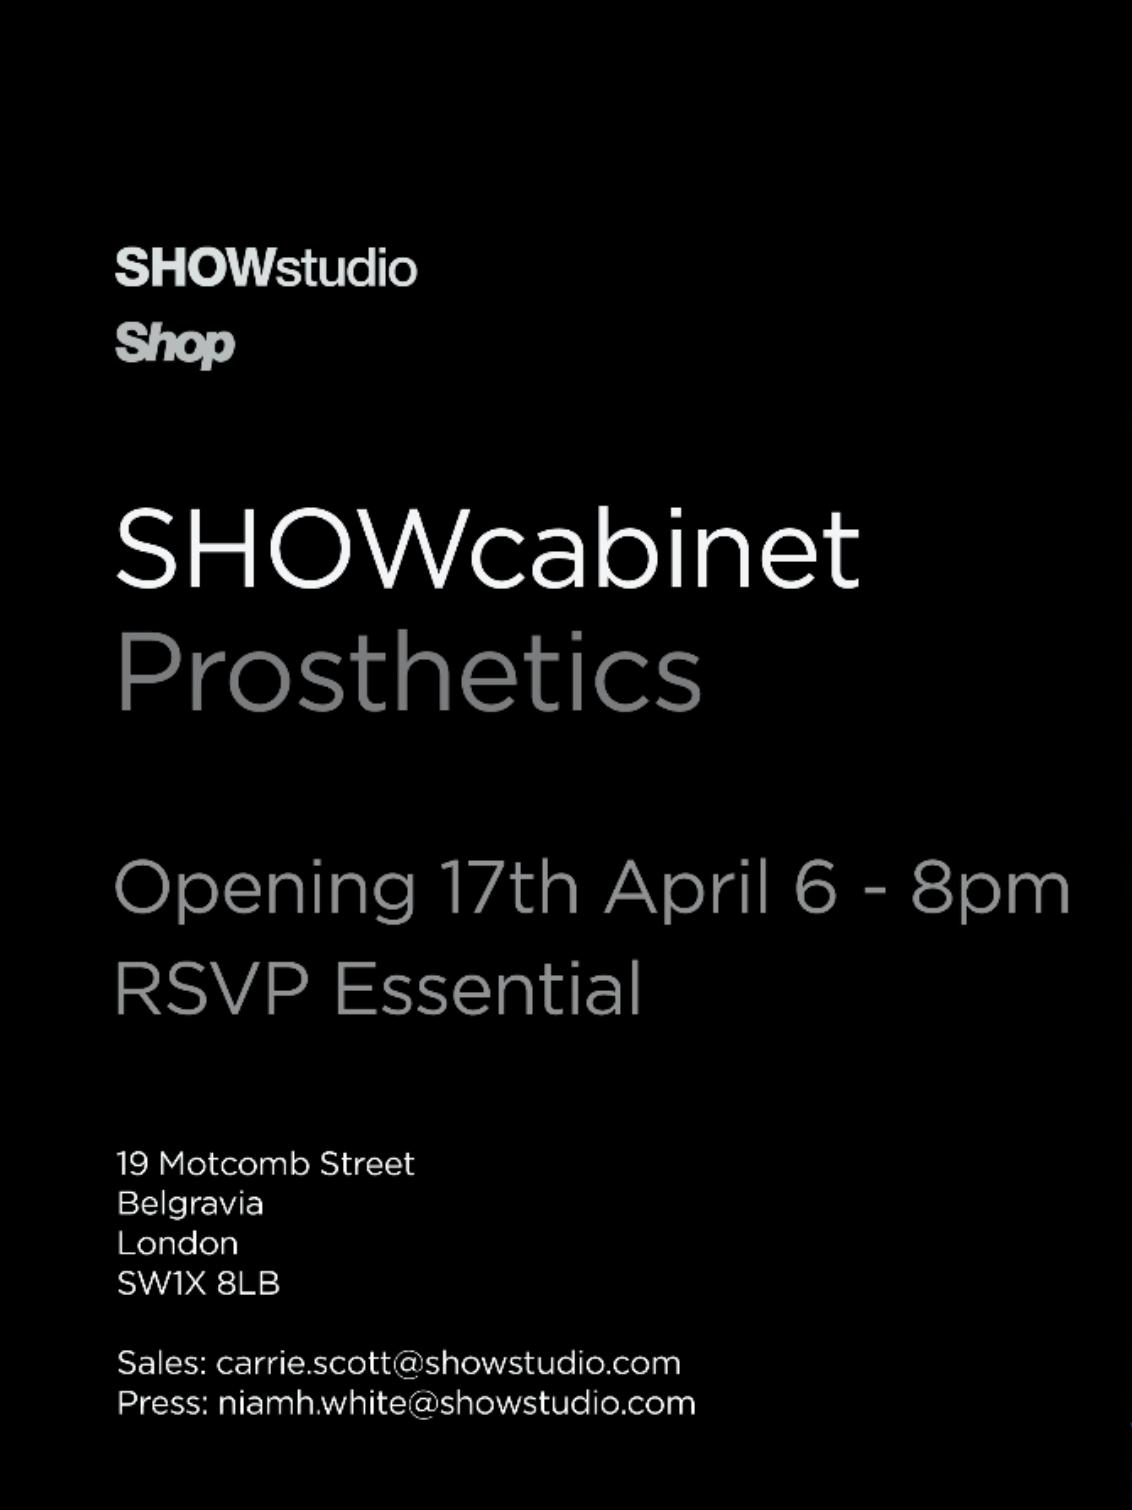 ShowStudio / Prostethics